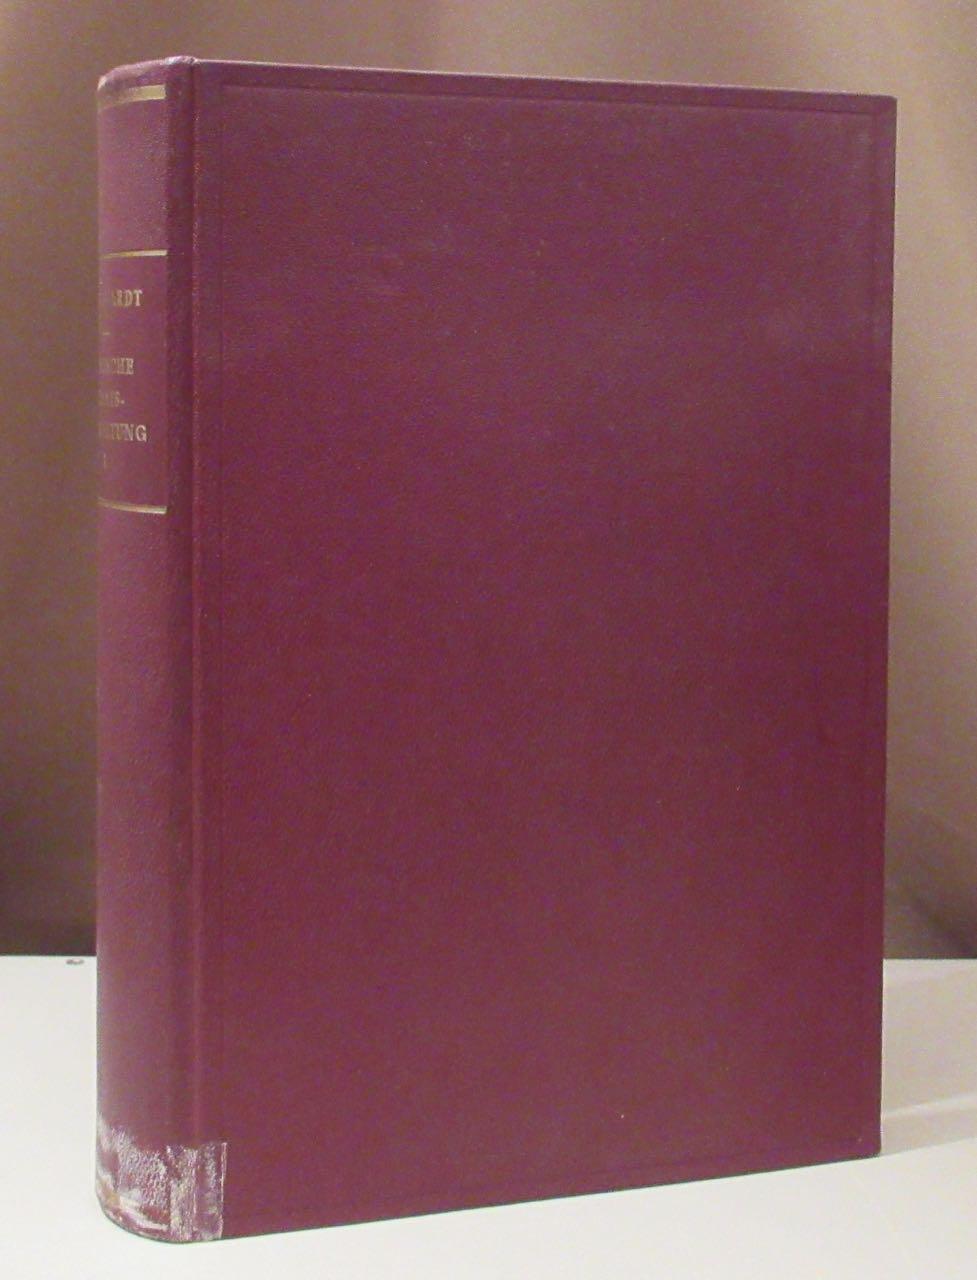 Römische Staatsverwaltung. Bd 1 (von 3 Bdn).: Marquardt, Joachim.